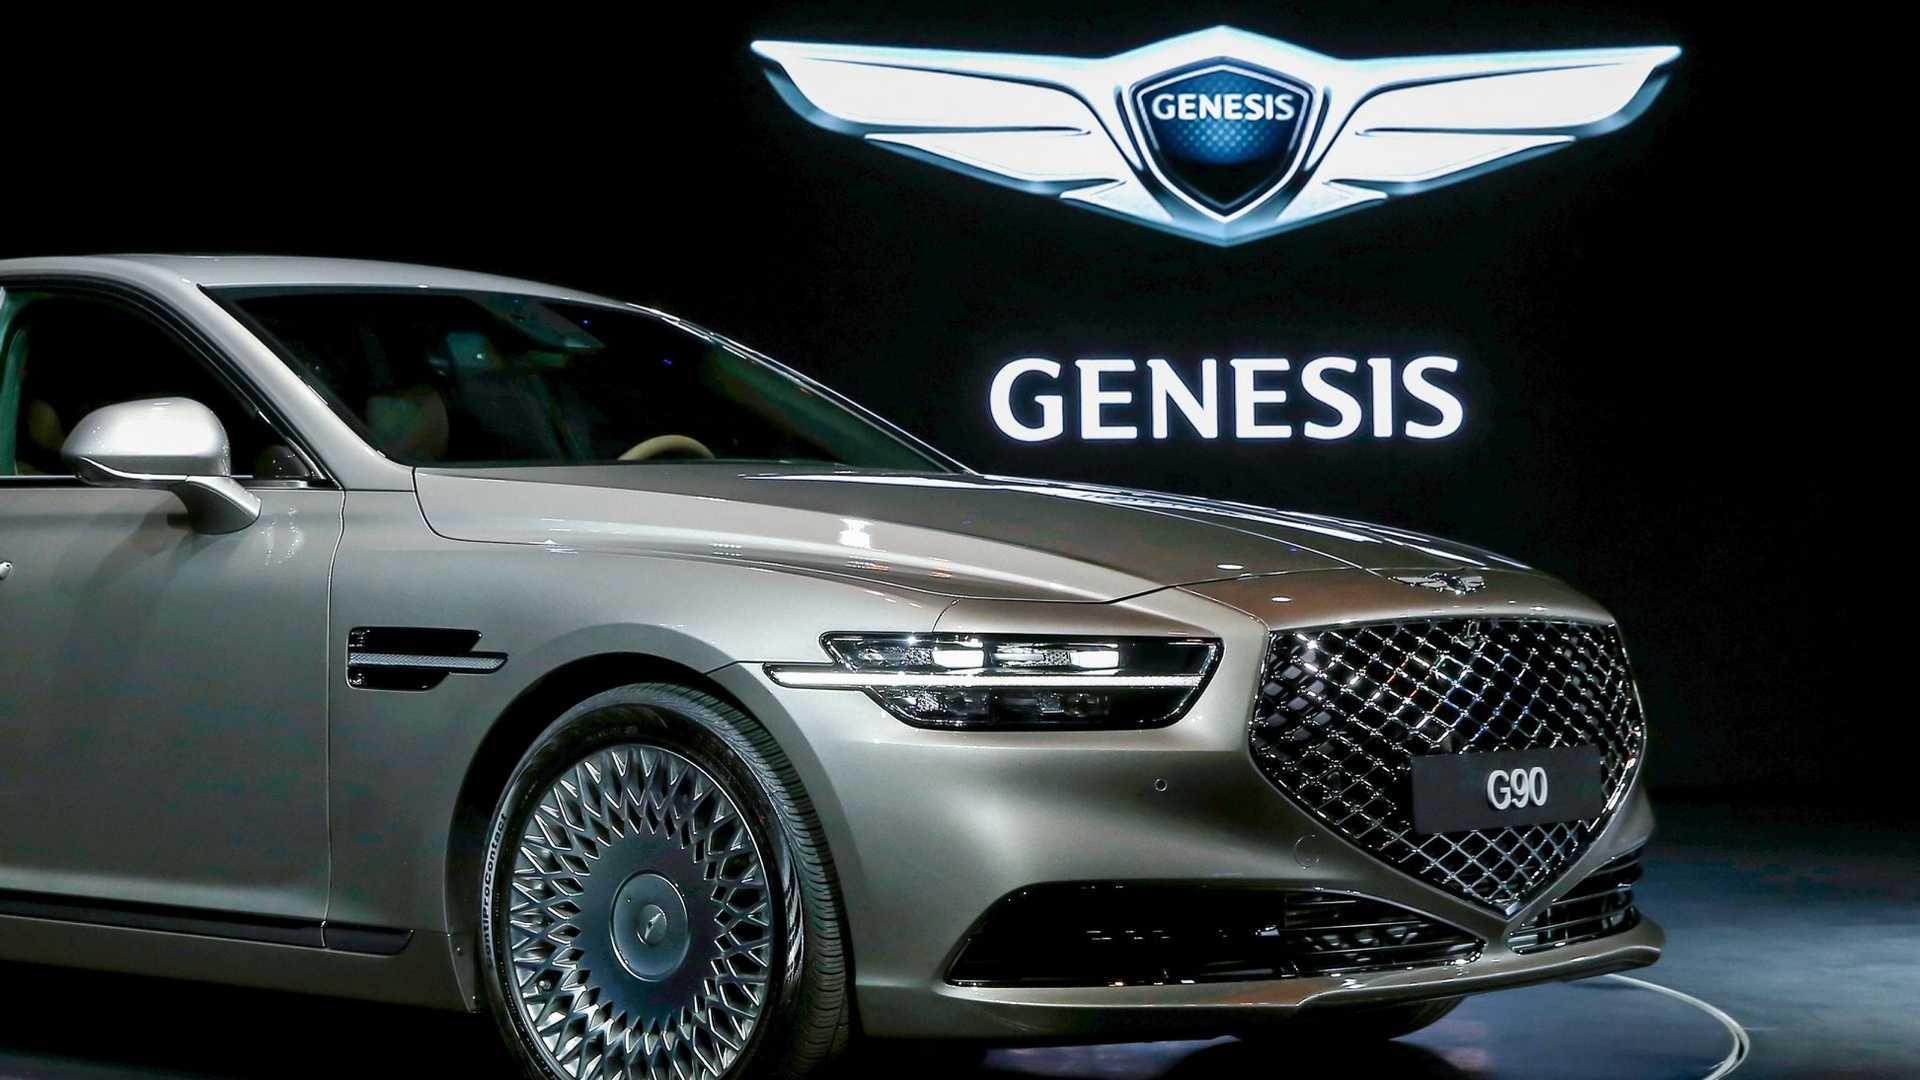 2020-genesis-g90-103.jpg